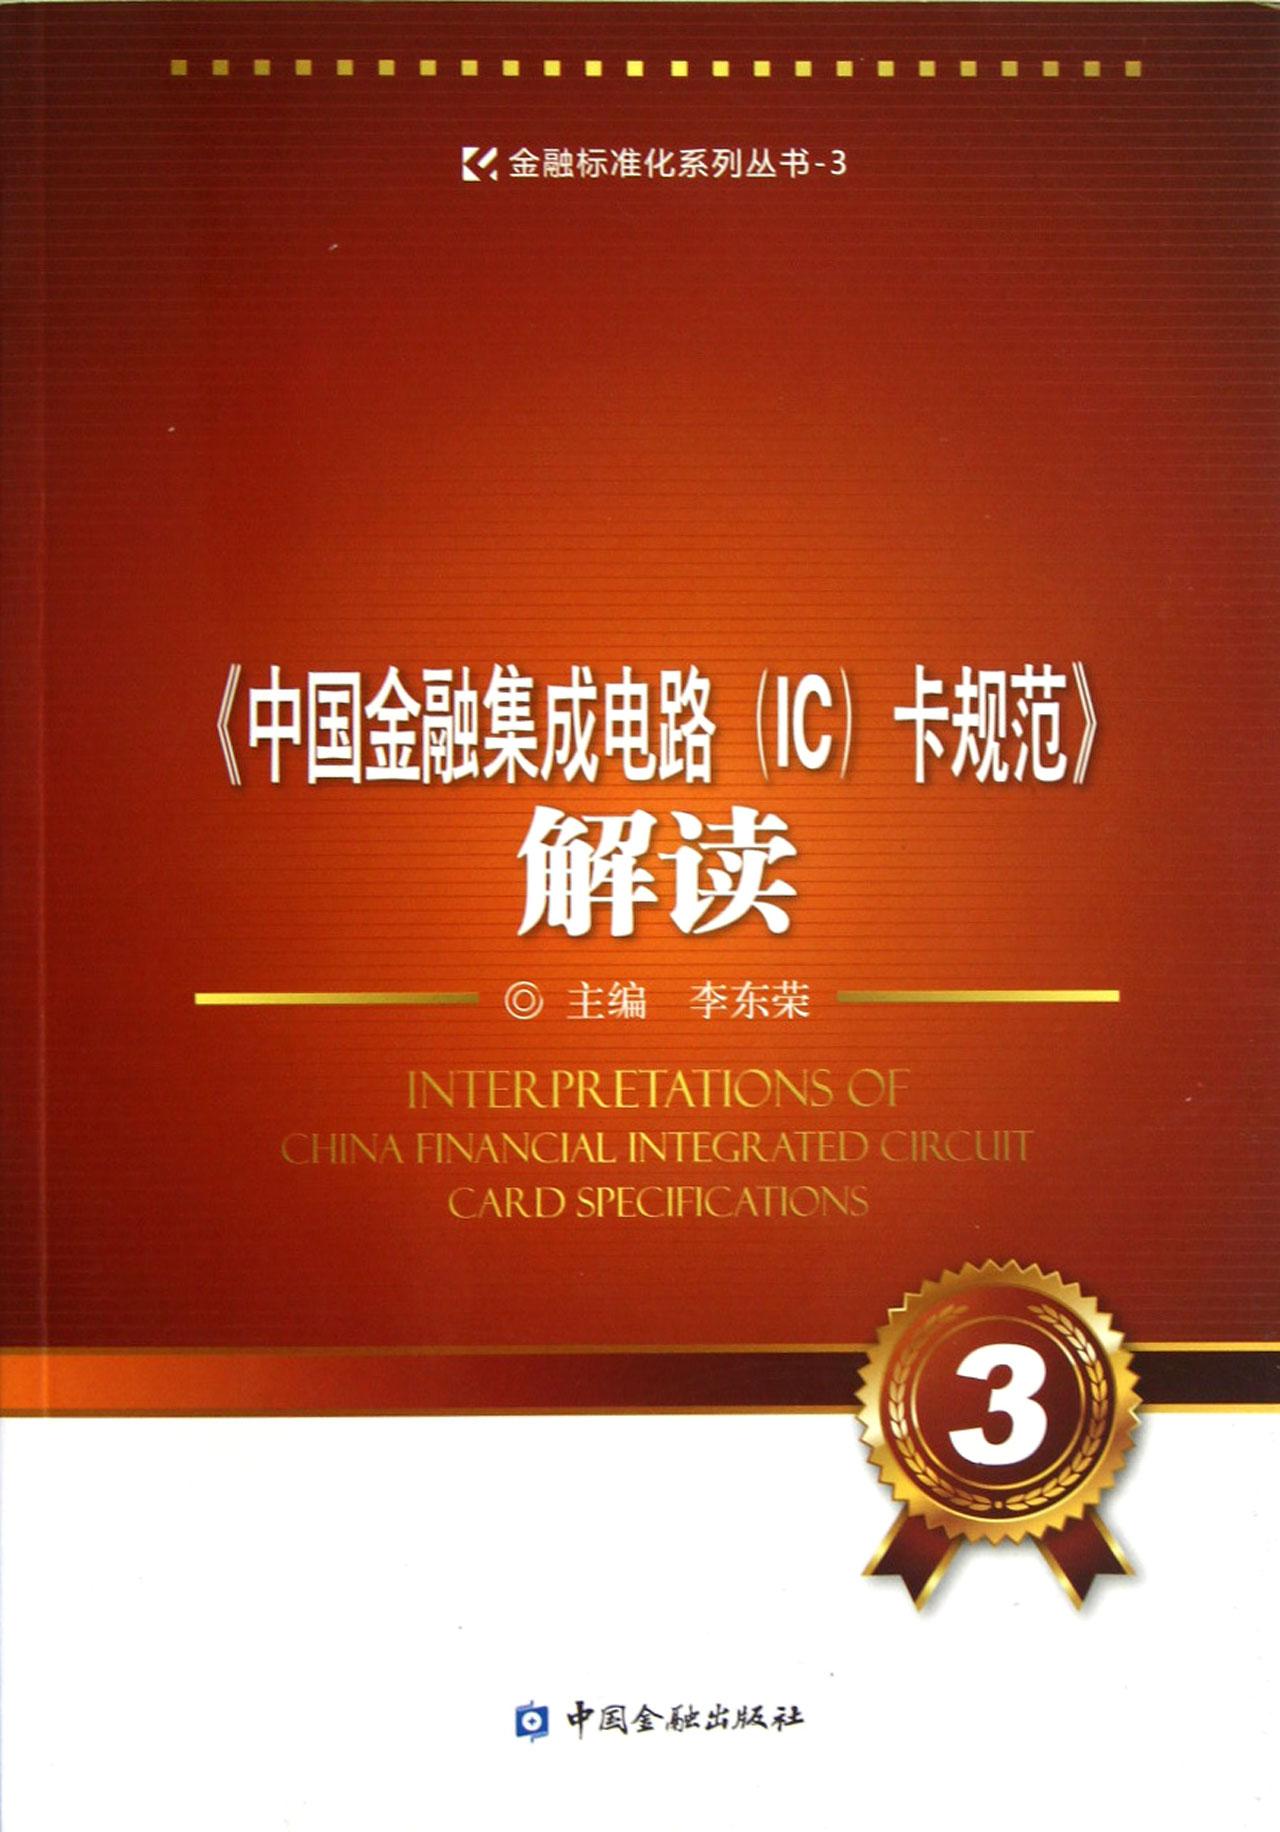 第一篇 金融IC卡标准概述 1 金融IC卡标准概述 1.1 银行磁条卡向IC卡迁移的趋势 1.2 金融IC卡标准的重要性和意义 1.2.1 金融IC卡标准的重要性 1.2.2 金融IC卡标准的意义 1.3 EMV标准的发展 1.3.1 国际IC卡标准的演化 1.3.2 EMVCo组织及运作机制 1.3.3 国际IC卡发展最新情况 1.4 国内金融IC卡标准的发展 1.